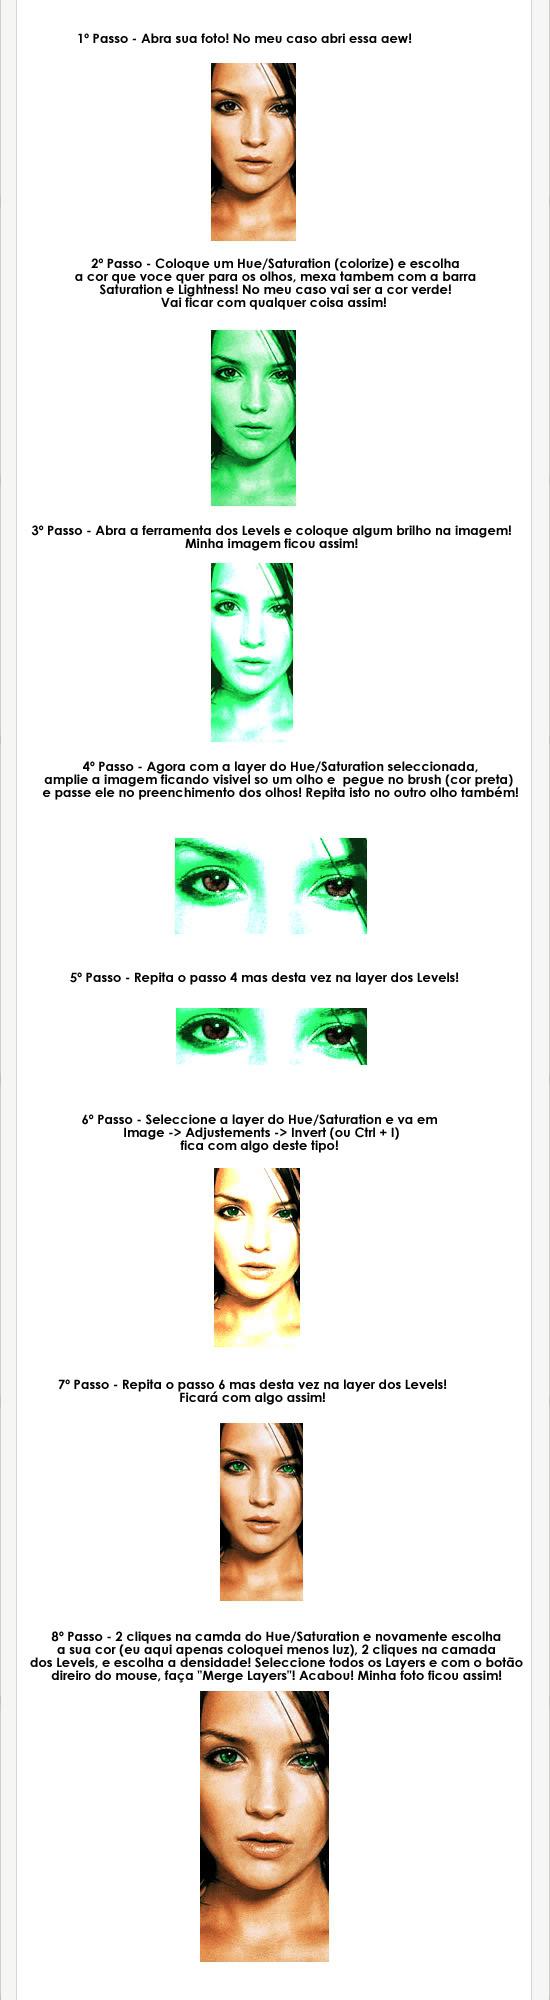 Tuto Photoshop - Mudando Cor Dos Olhos Tuto1-part2-1